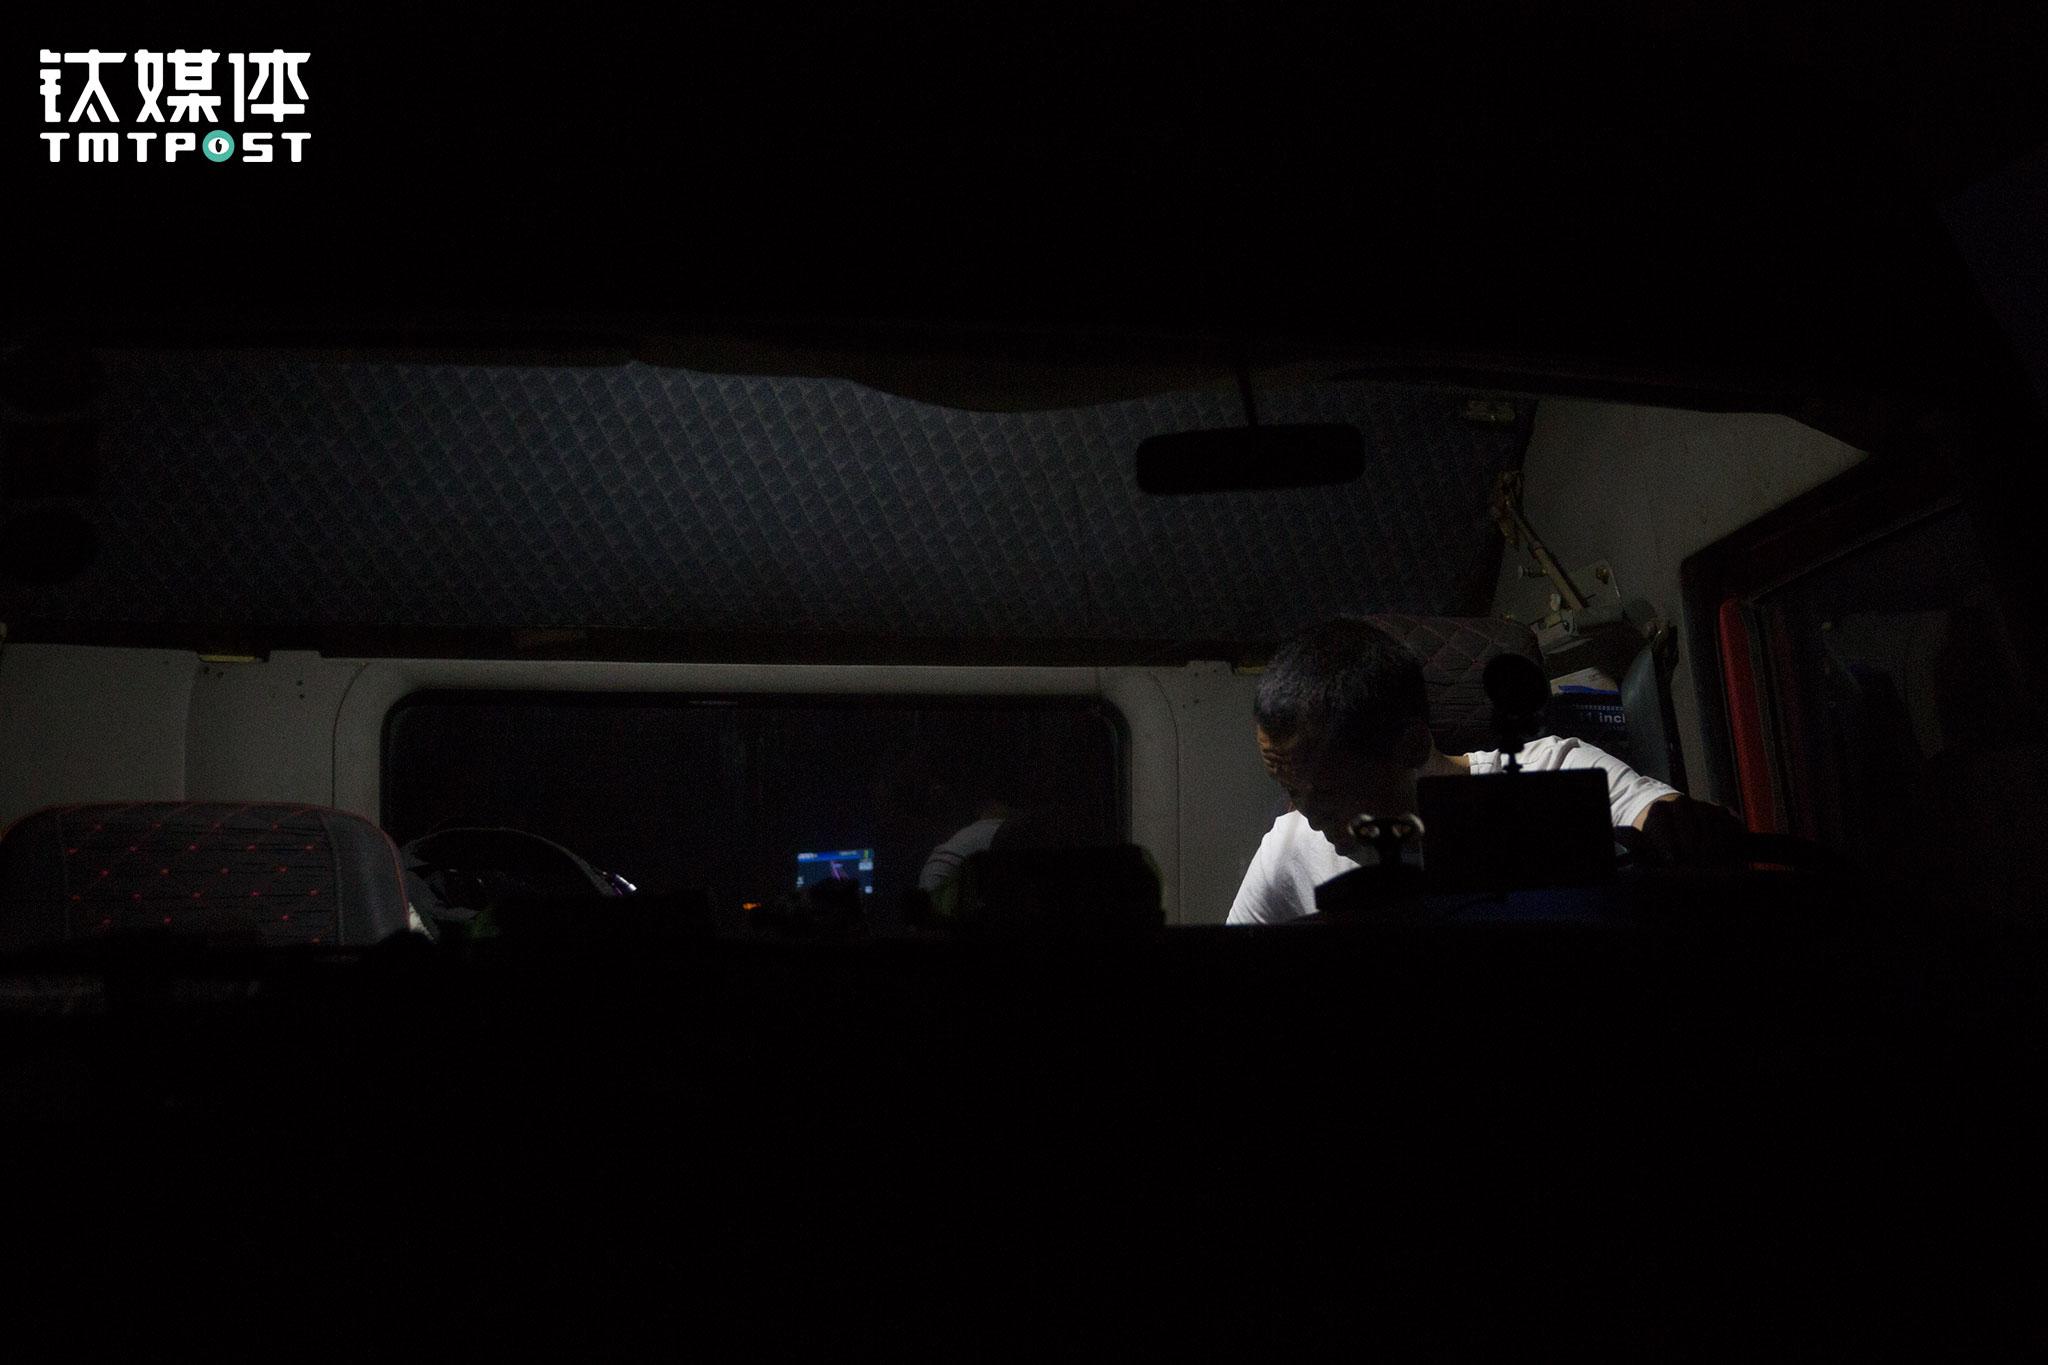 """凌晨2:15,服务区停车场突然连续三次响起刺耳的警报,被惊醒的金强立即下车查看周围情况,旁边一名司机告诉他要他快点走,""""有一辆车的油箱防盗在报警,偷油的来了""""。金强看见几百米开外有一辆白色面包车,经验告诉他那是辆偷油车,于是他马上上车发车离开。"""